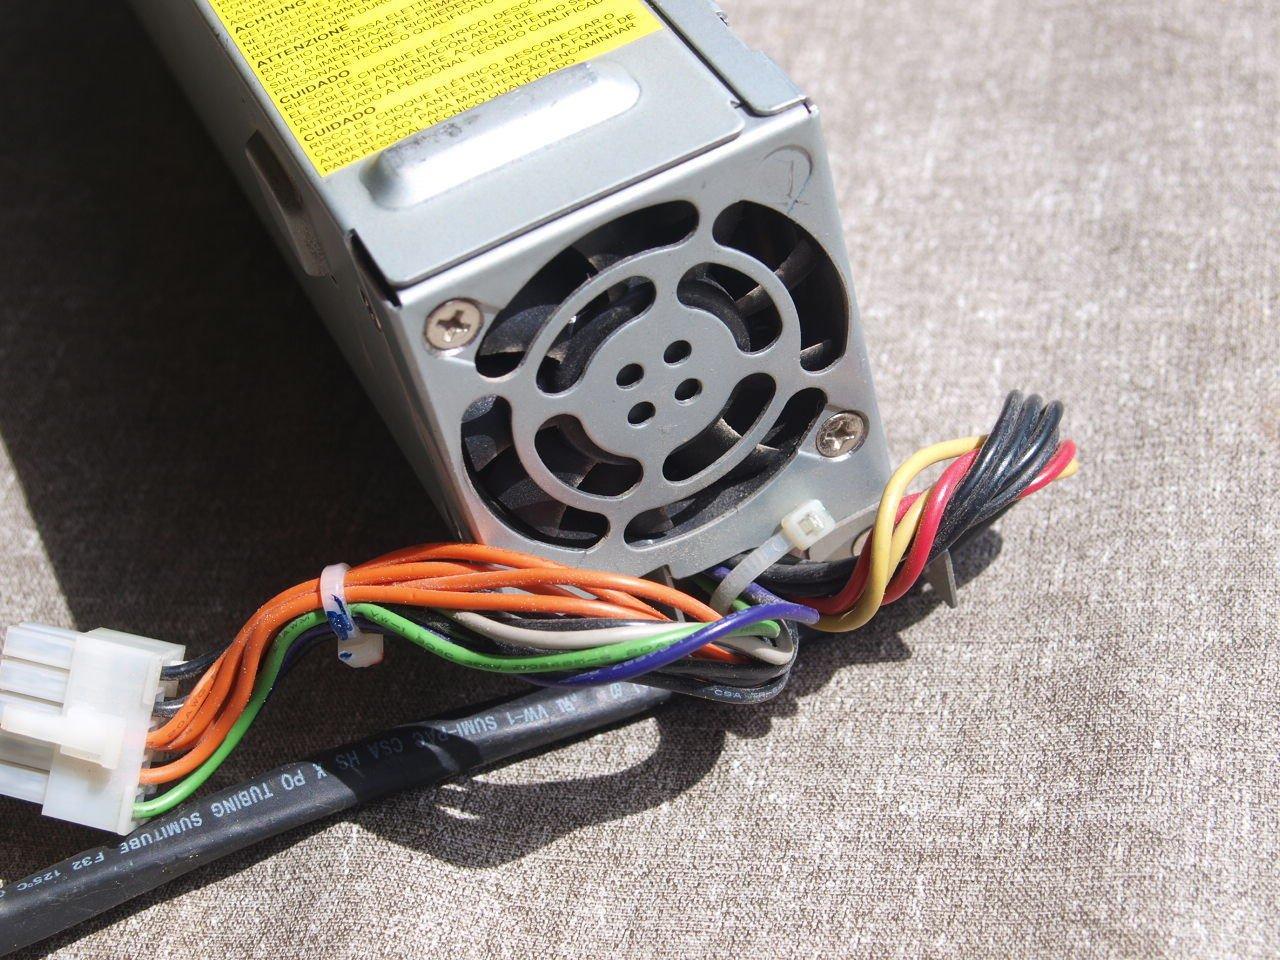 ASTEC AA22640 COMPAQ 304516-001 304205-001 Evo D510 E-PC 145W Power Supply